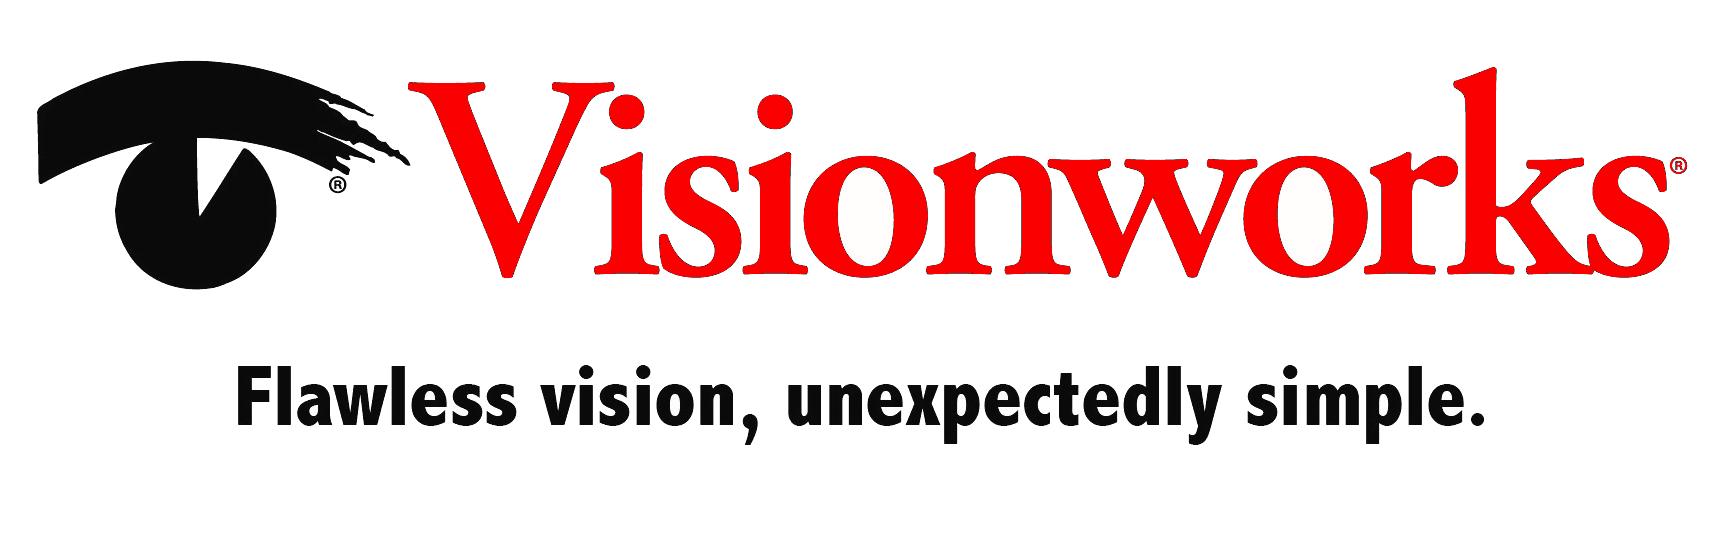 Visionworks